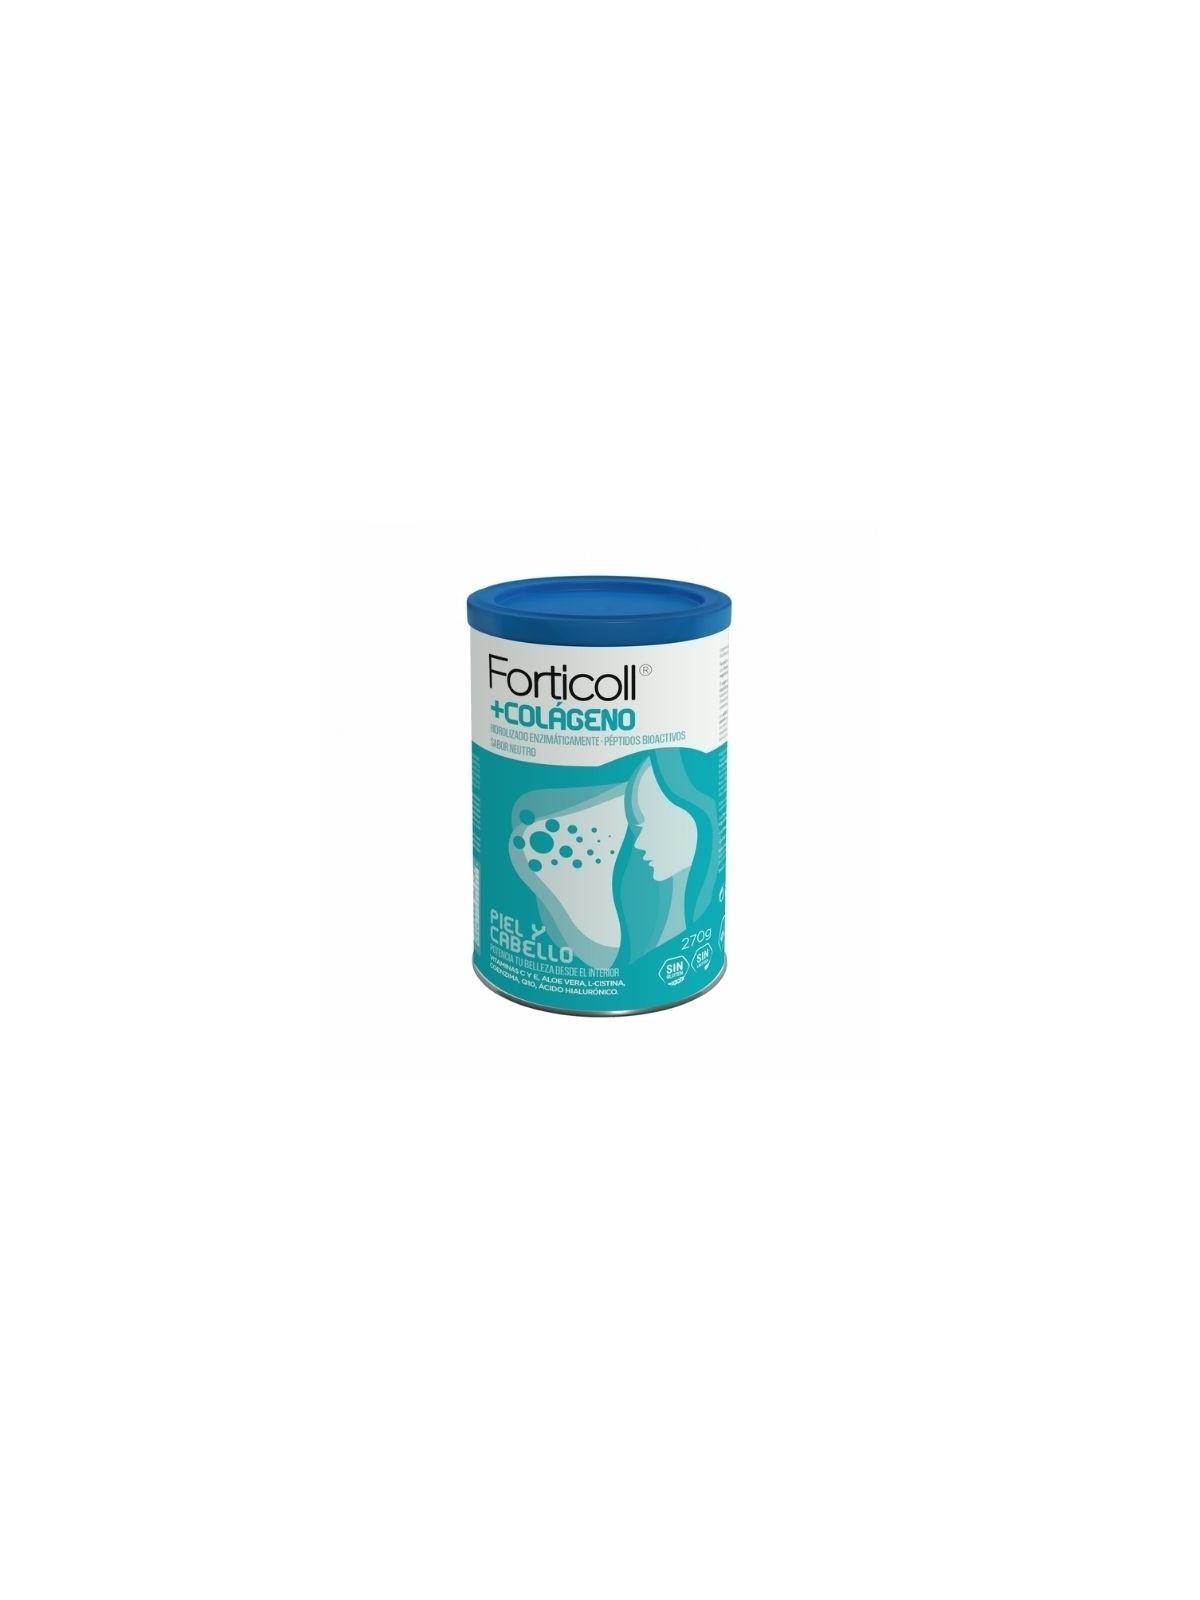 Forticoll Colágeno bioactivo piel y cabello 270g